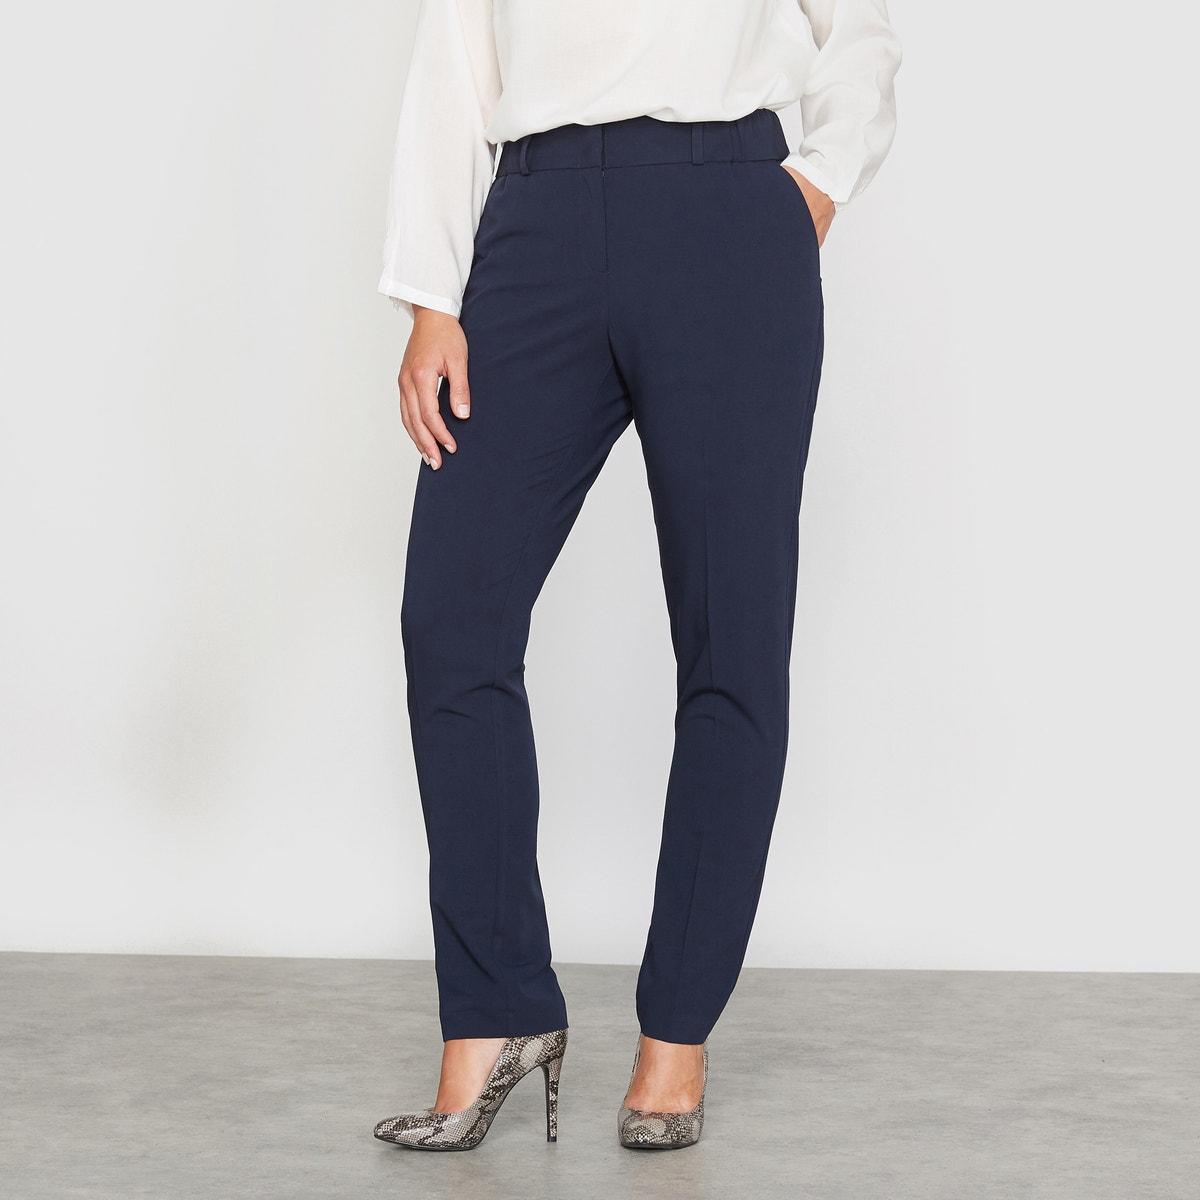 Castaluna Womens Slim Fit Cigarette Trousers, Length 31